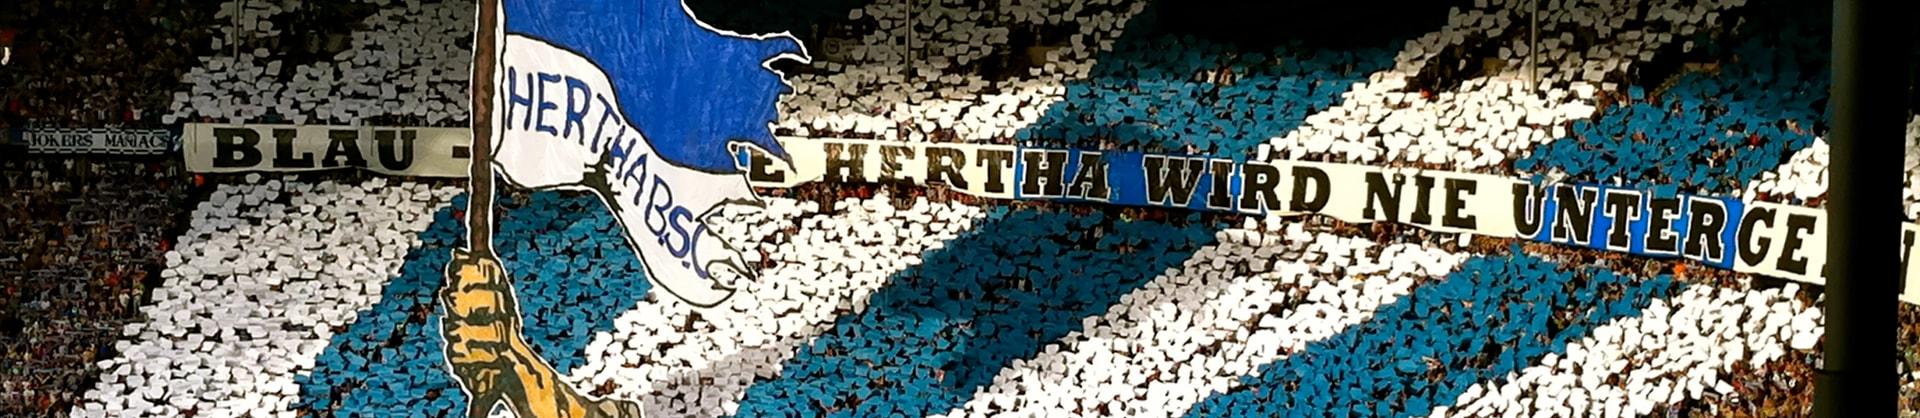 Fanfreundschaft zwischen Hertha BSC und dem Karlsruher SC